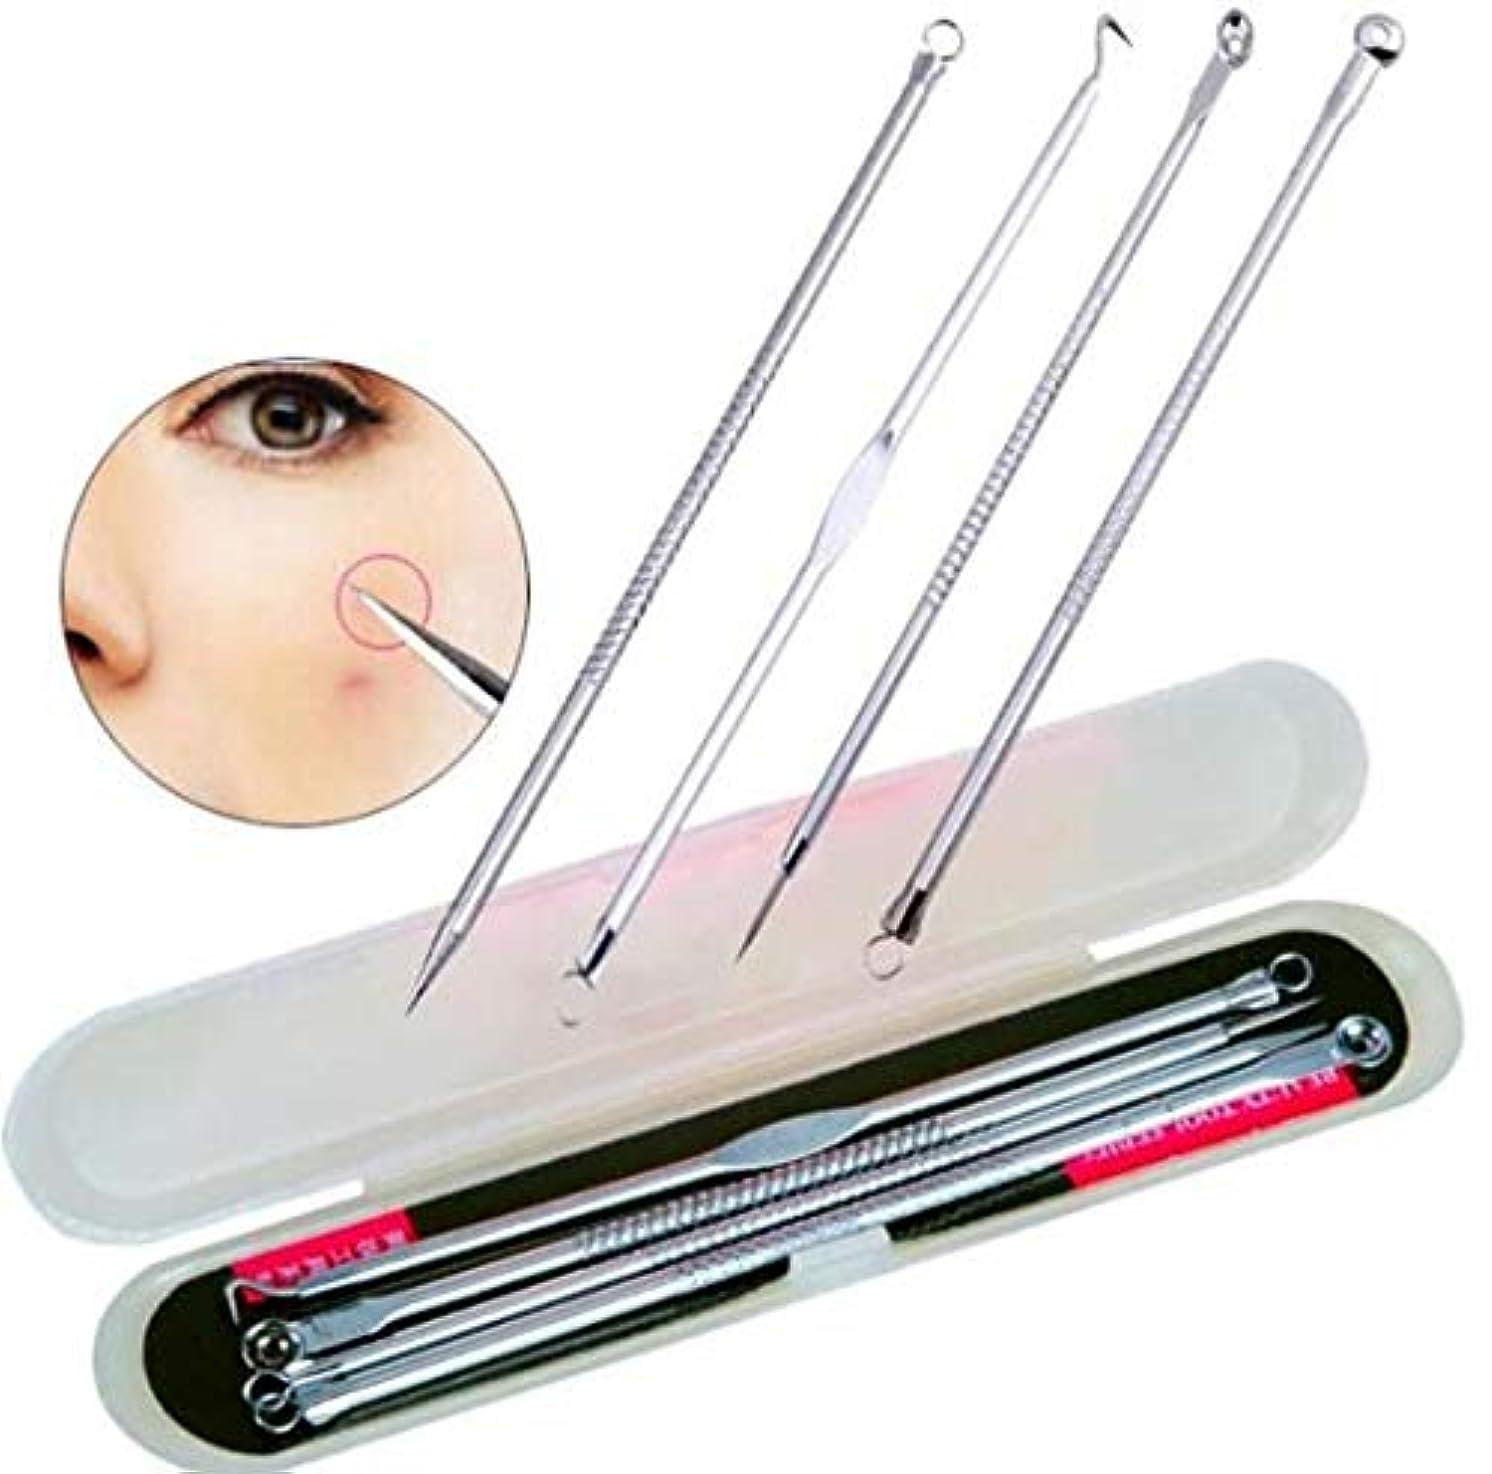 記憶まっすぐにする地球4 Pcs Acne Blackhead Removal Stainless Pimple Spot Comedone Extractor Beauty Face Clean Care Tools Facial Pore...